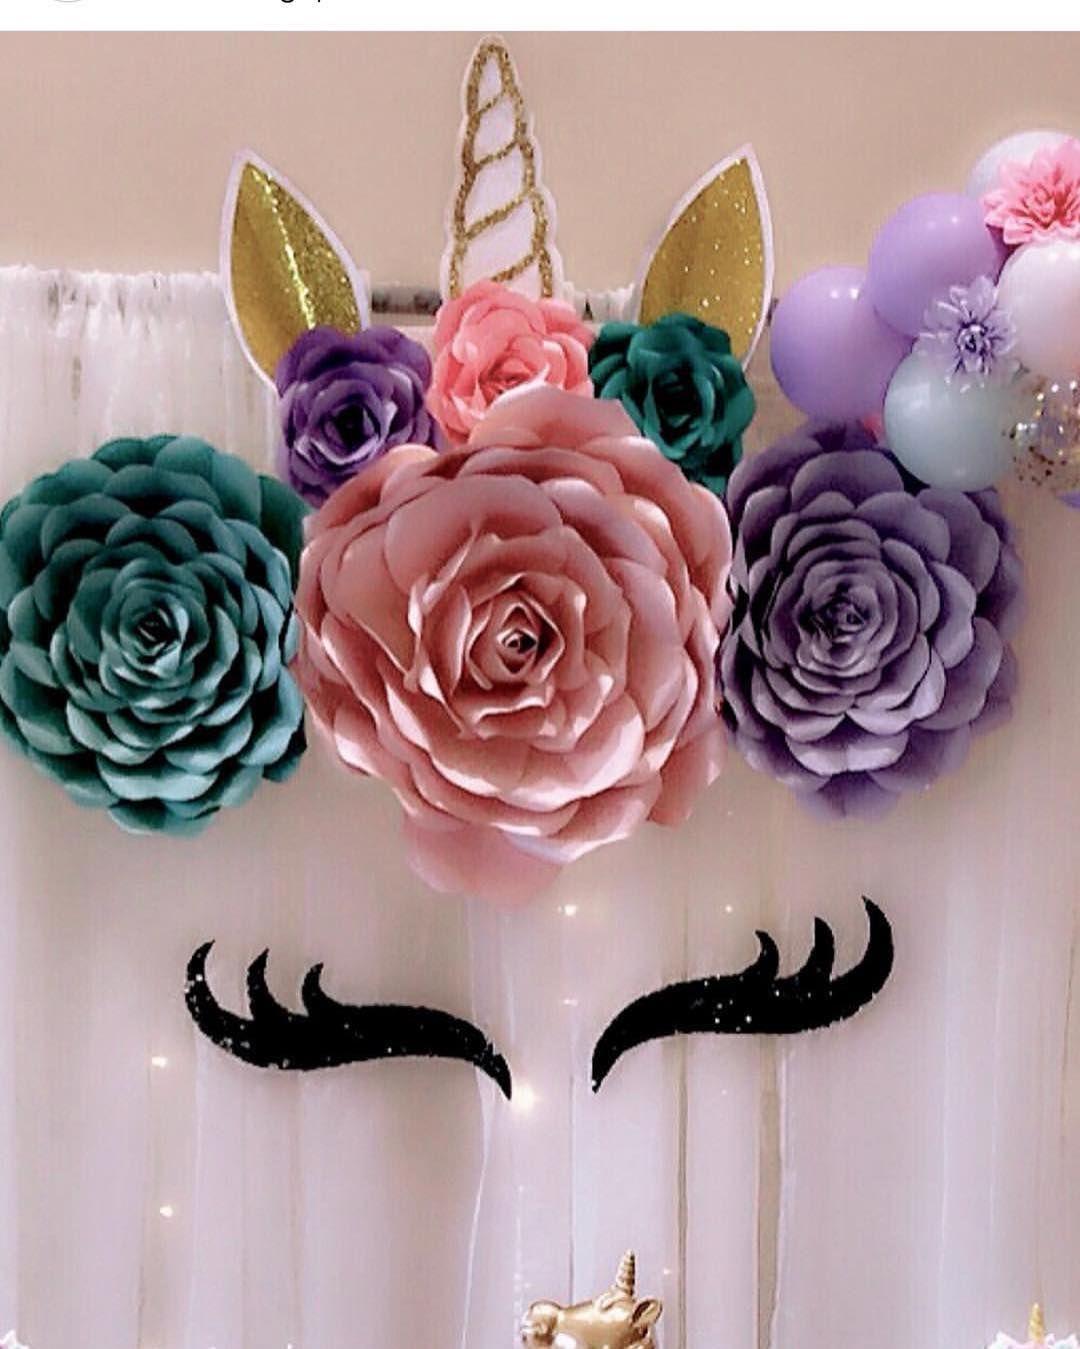 أشكال ثيمات مواليد ملونة تناسب الفتيات